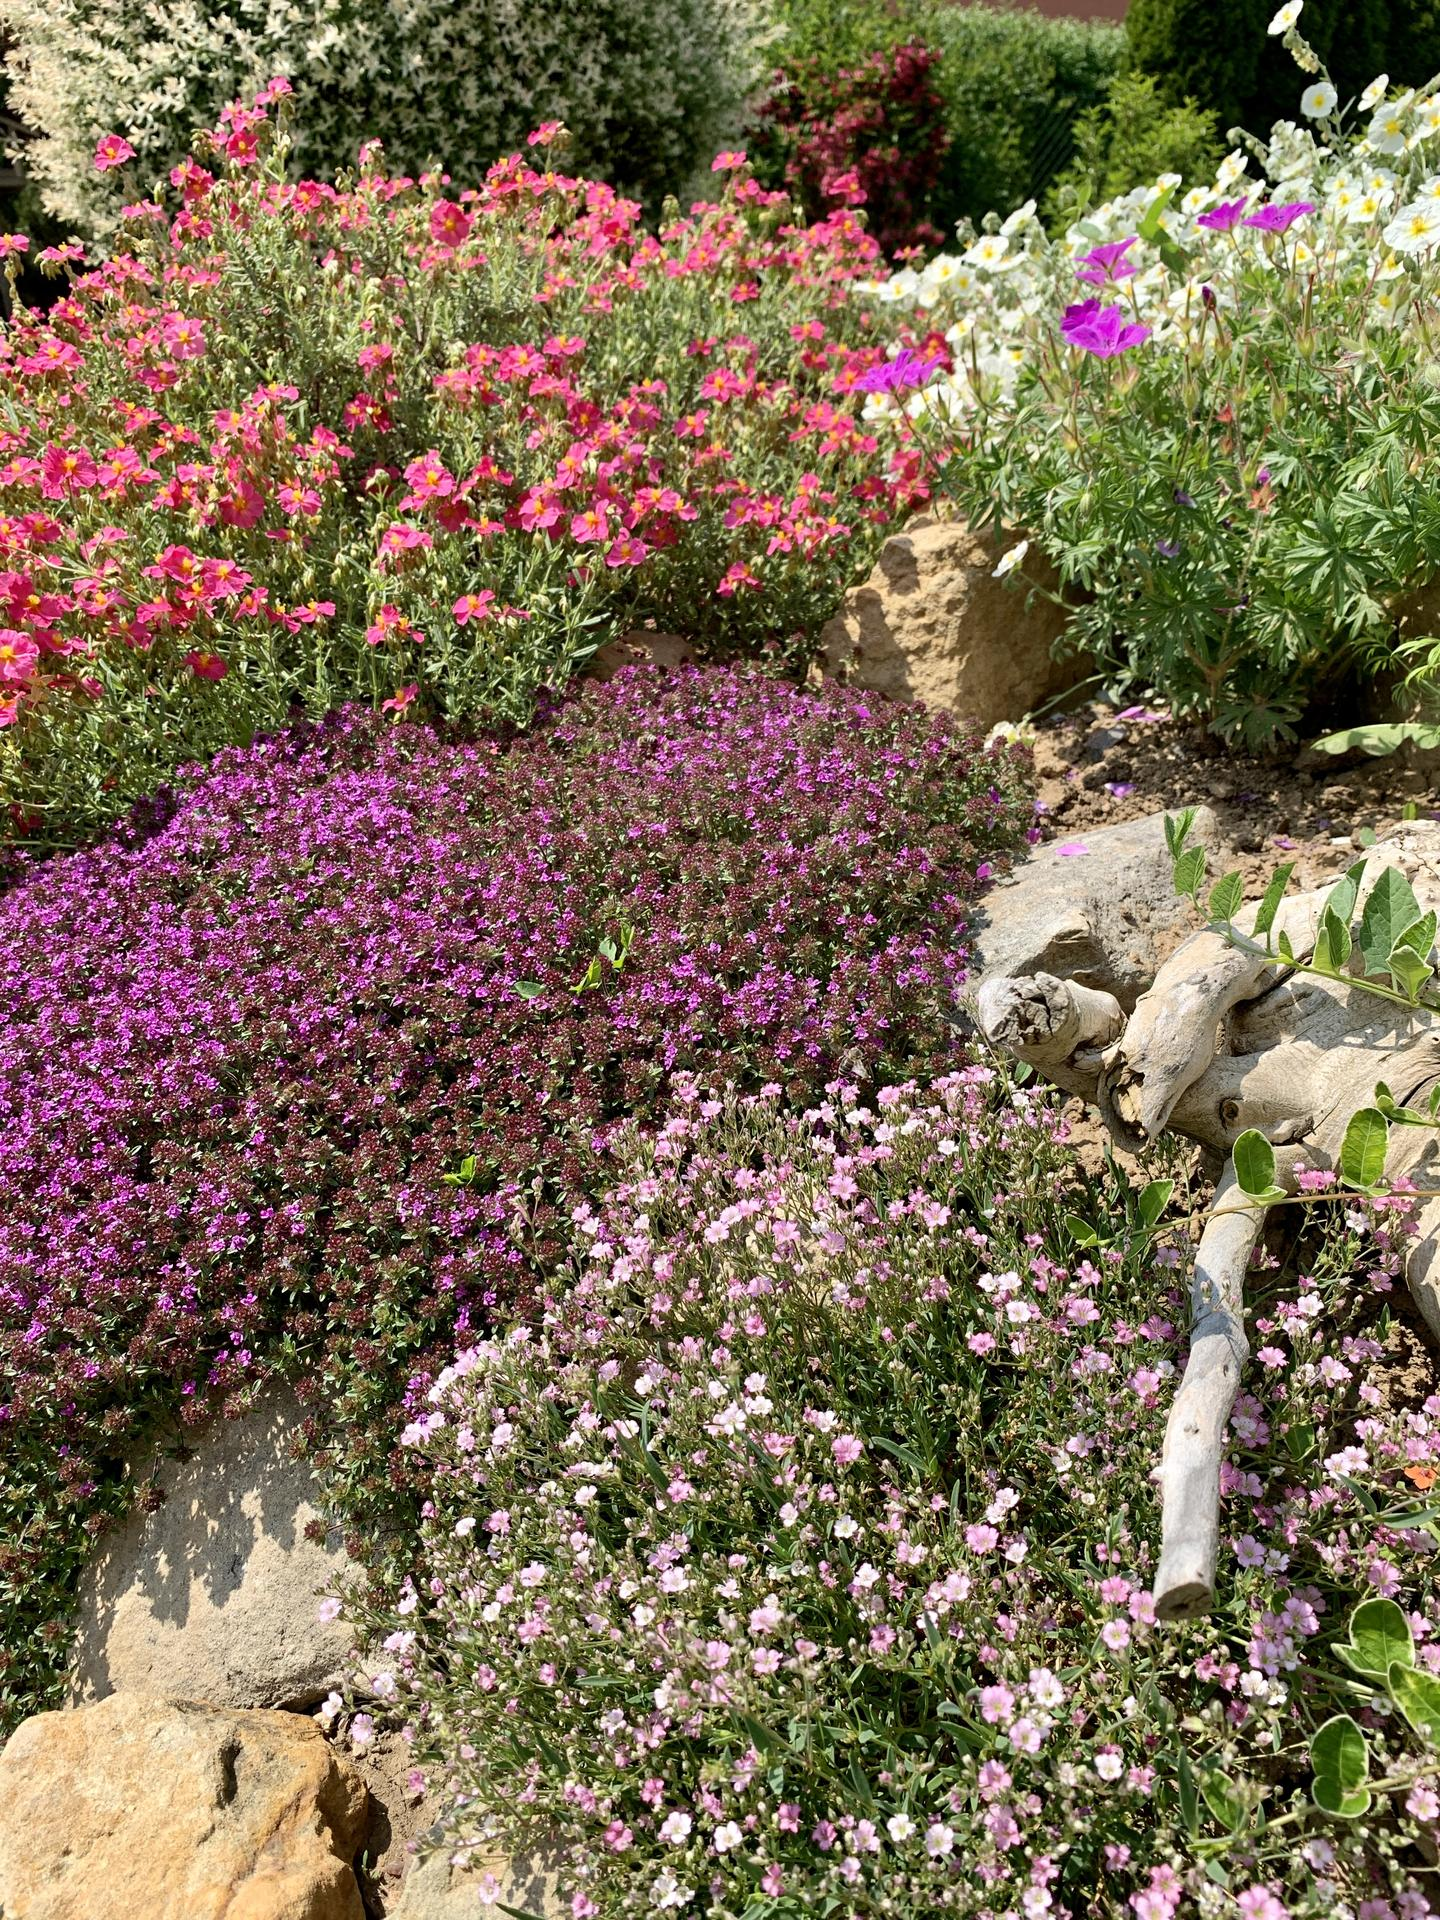 Naše barevná zahrada 🌸 - Na skalce už nejsou vidět ani kameny, vše krásně zarostlo 🌸